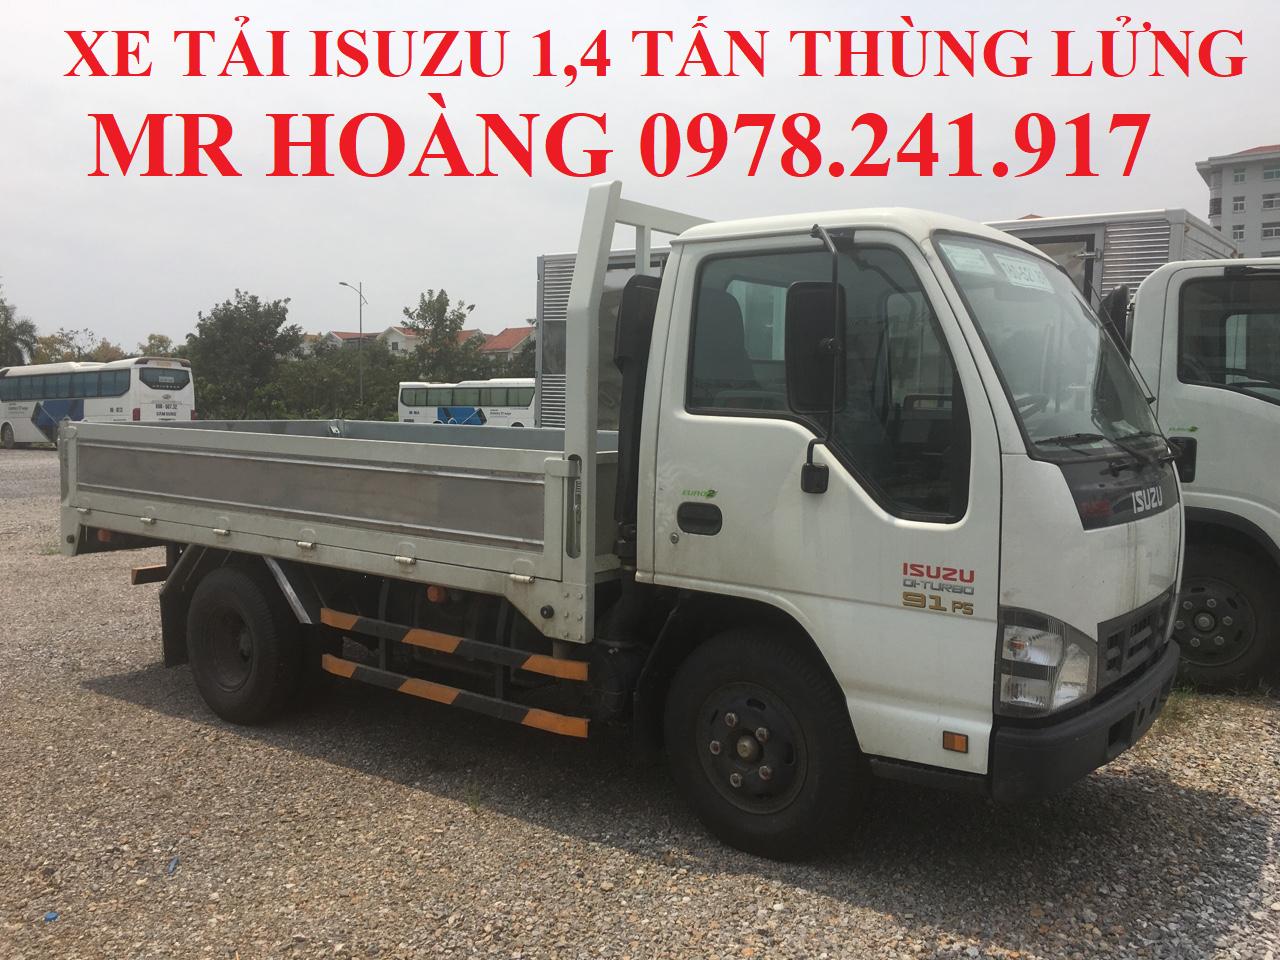 xe tải isuzu 1,4 tấn thùng lửng